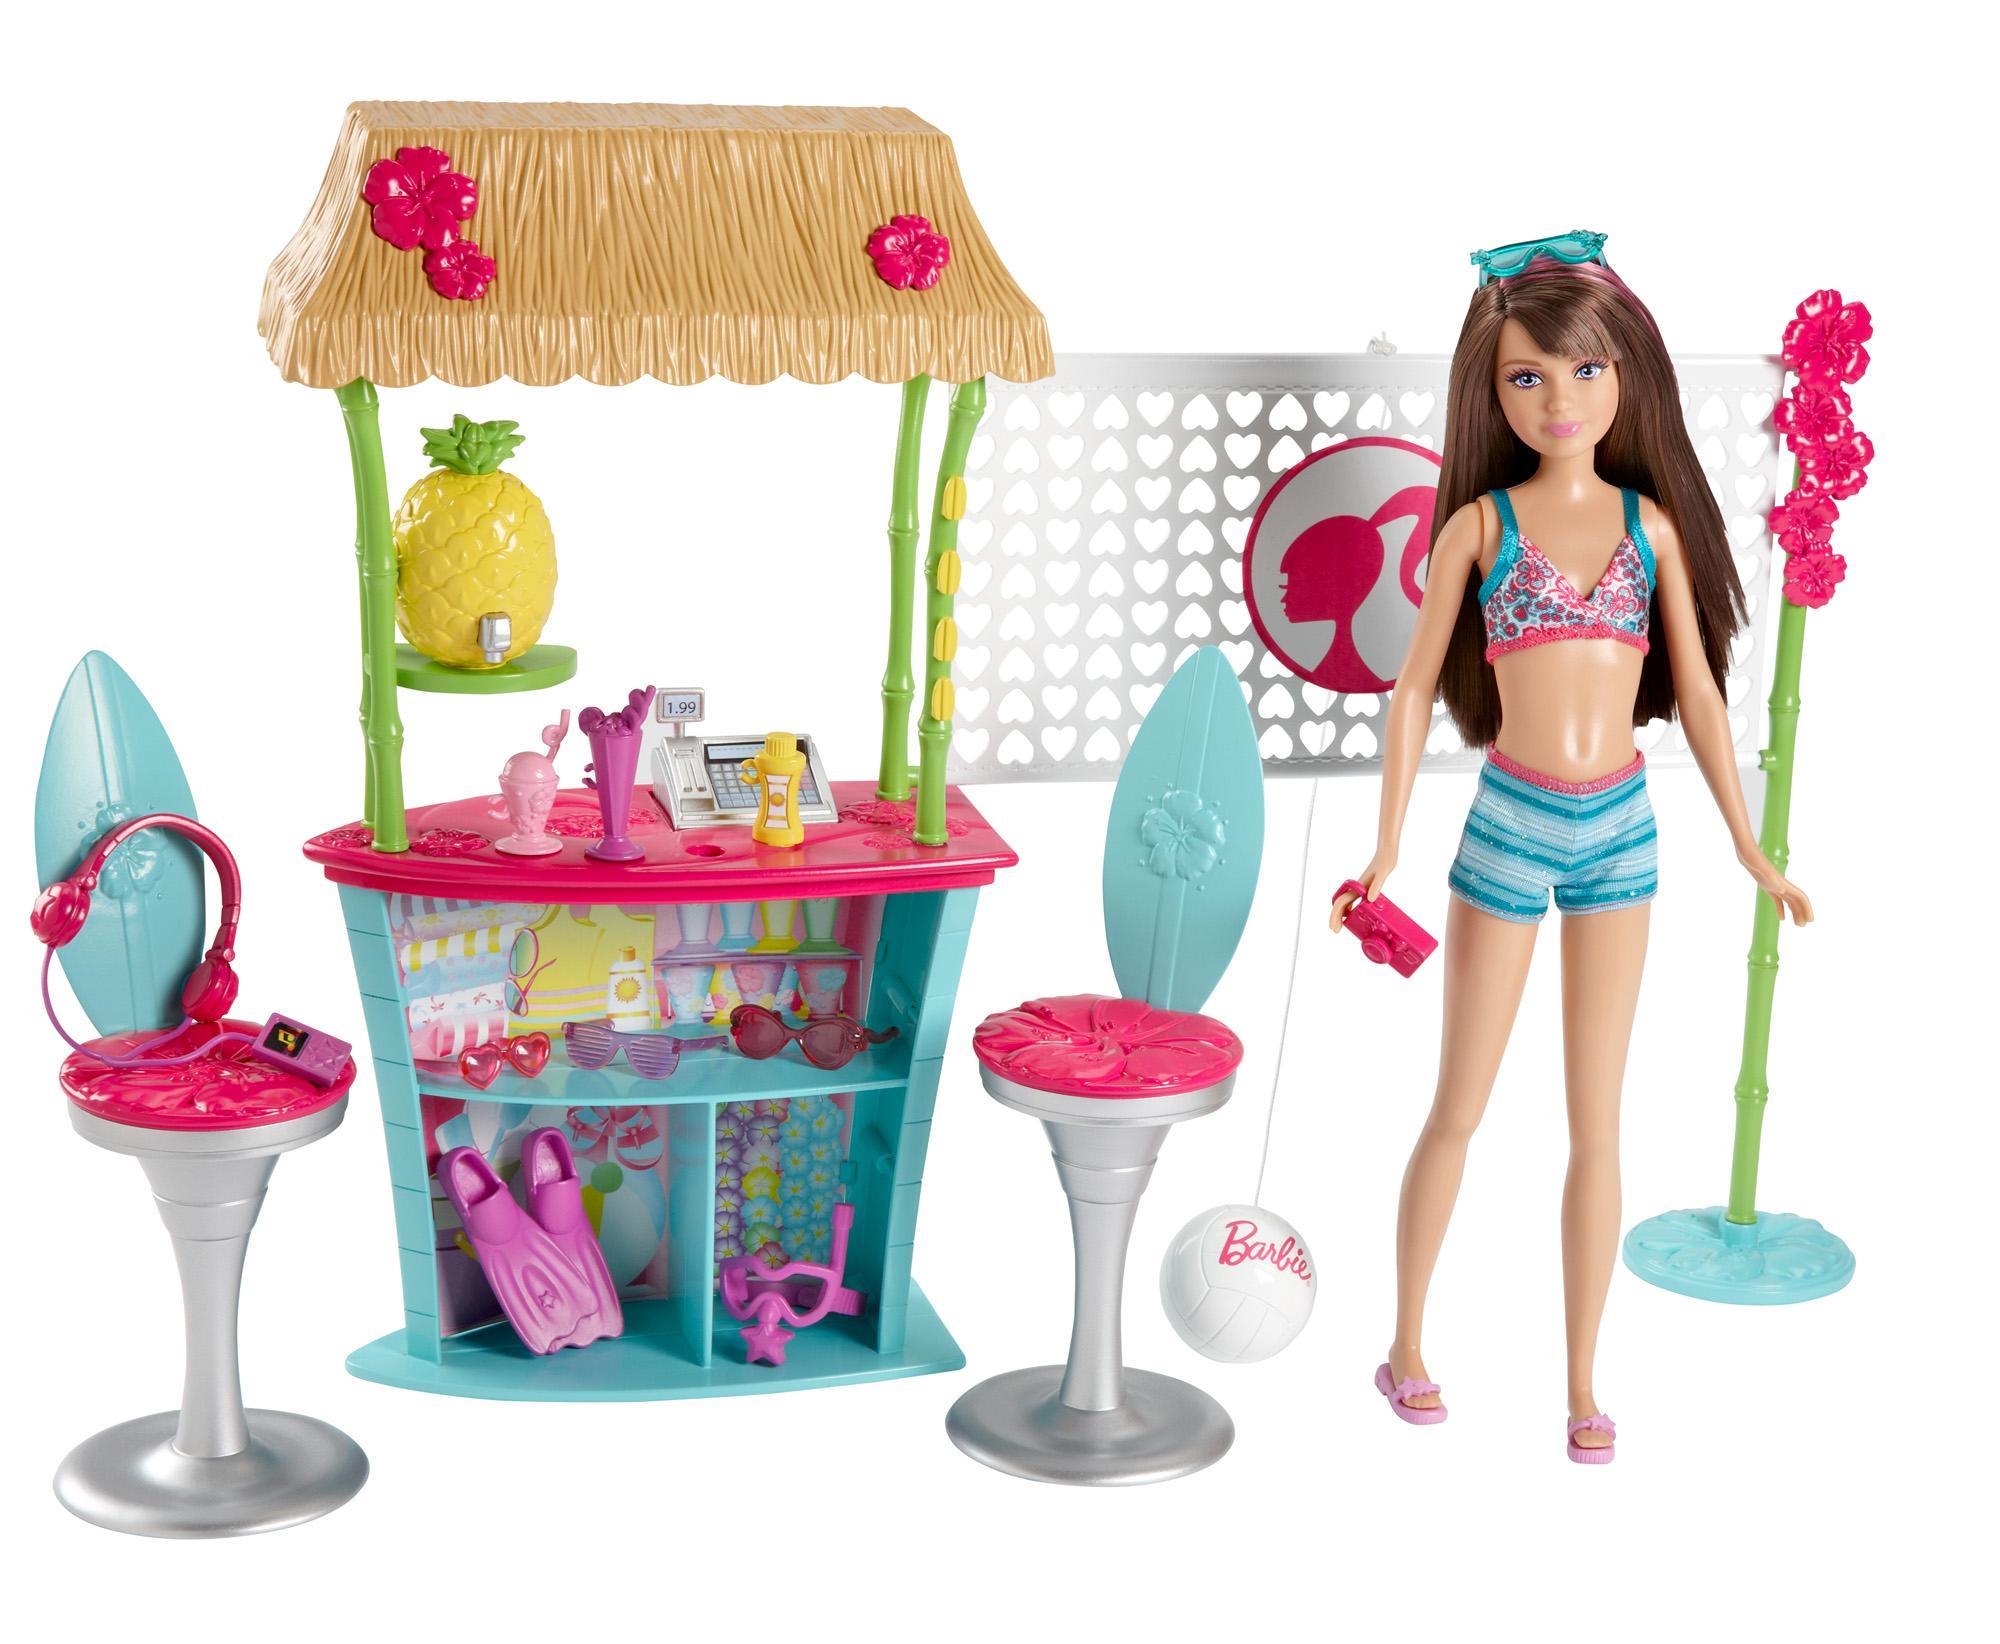 Amazon.com: Barbie Sisters Skipper Doll and Tiki Hut